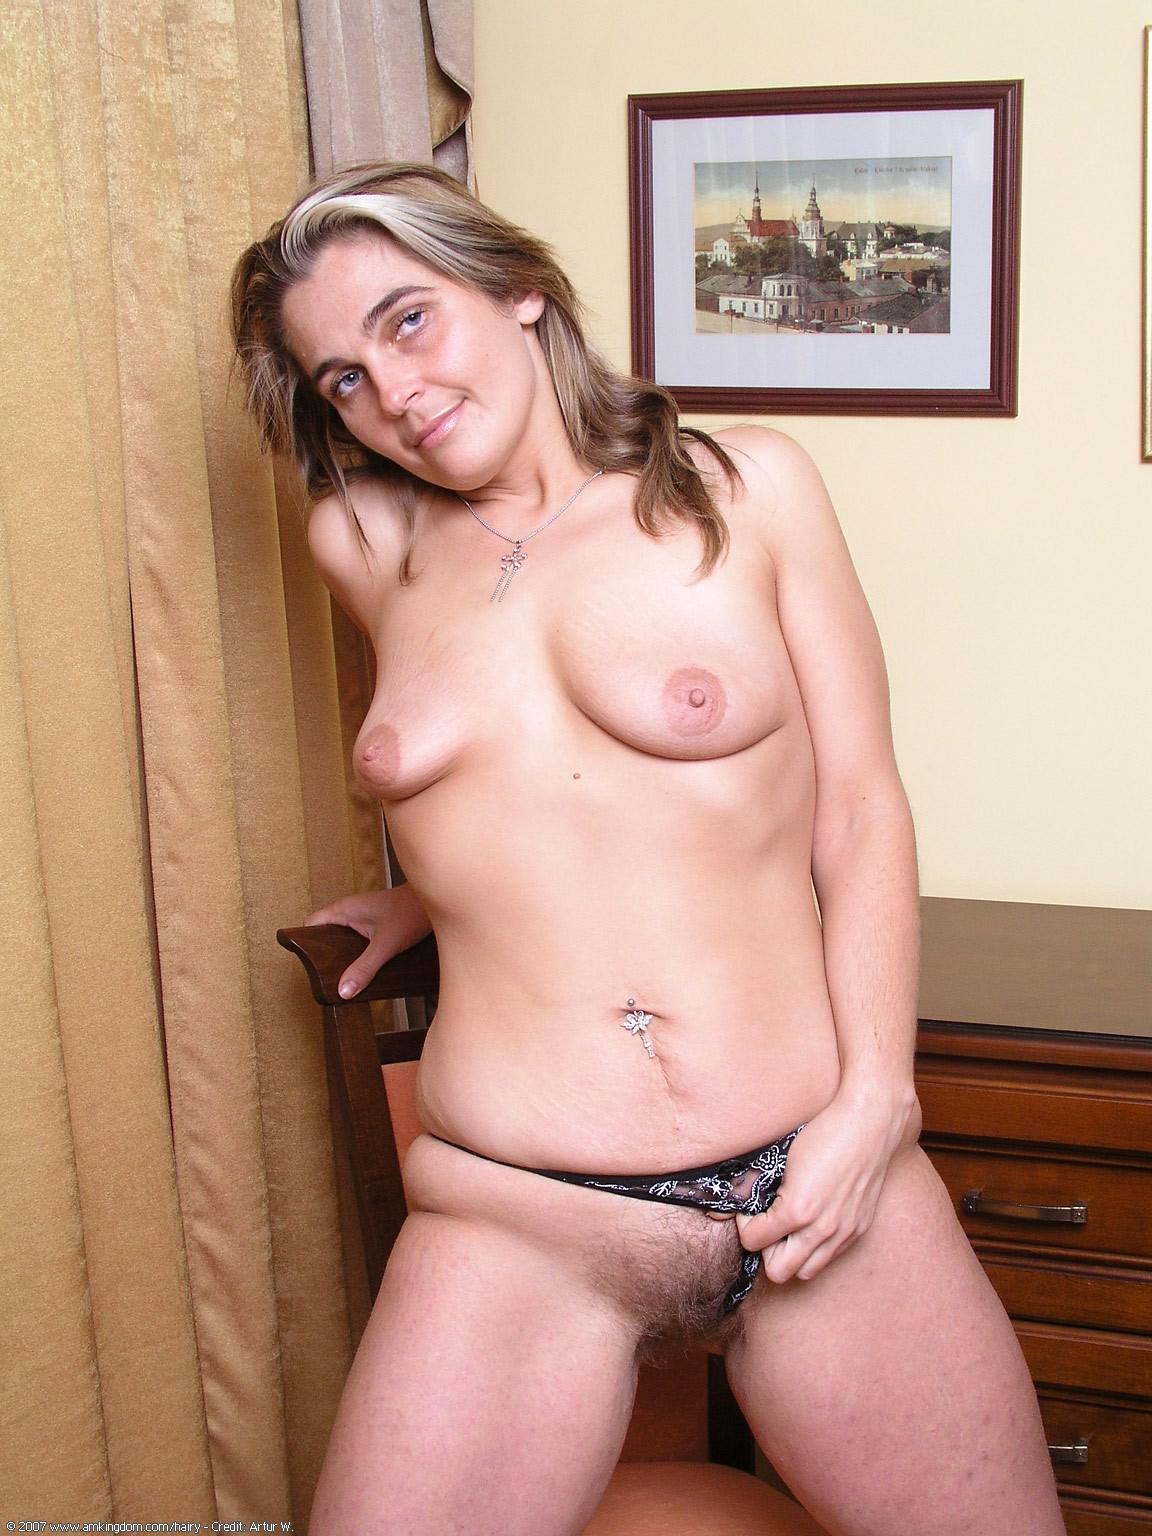 Опытная испанка Элиза демонстрирует свое голый торс